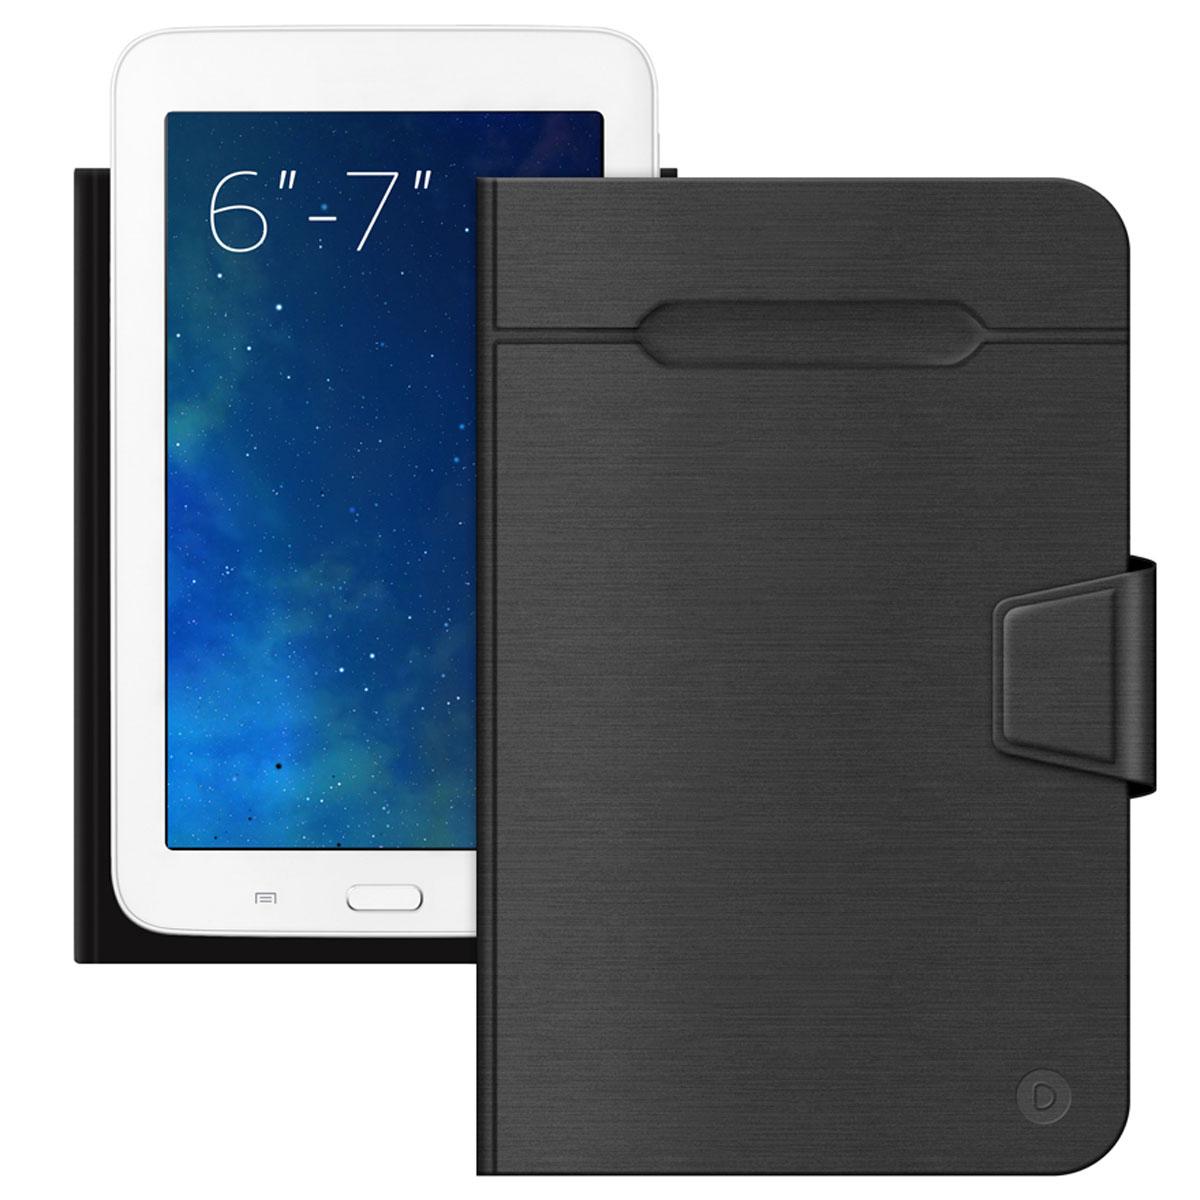 Deppa Wallet Fold чехол-подставка для планшетов и электронных книг 6-7, Black87025Универсальный чехол Deppa Wallet Fold предназначен для защиты корпуса планшета или электронной книги диагональю 6-7 от механических повреждений и царапин в процессе эксплуатации. Верхняя часть чехла отгибается для фотографирования. Функция подходит для планшетов с любым расположением камер. Устройство фиксируется внутри чехла при помощи клеевого стикера. Имеется свободный доступ ко всем разъемам и кнопкам устройства.